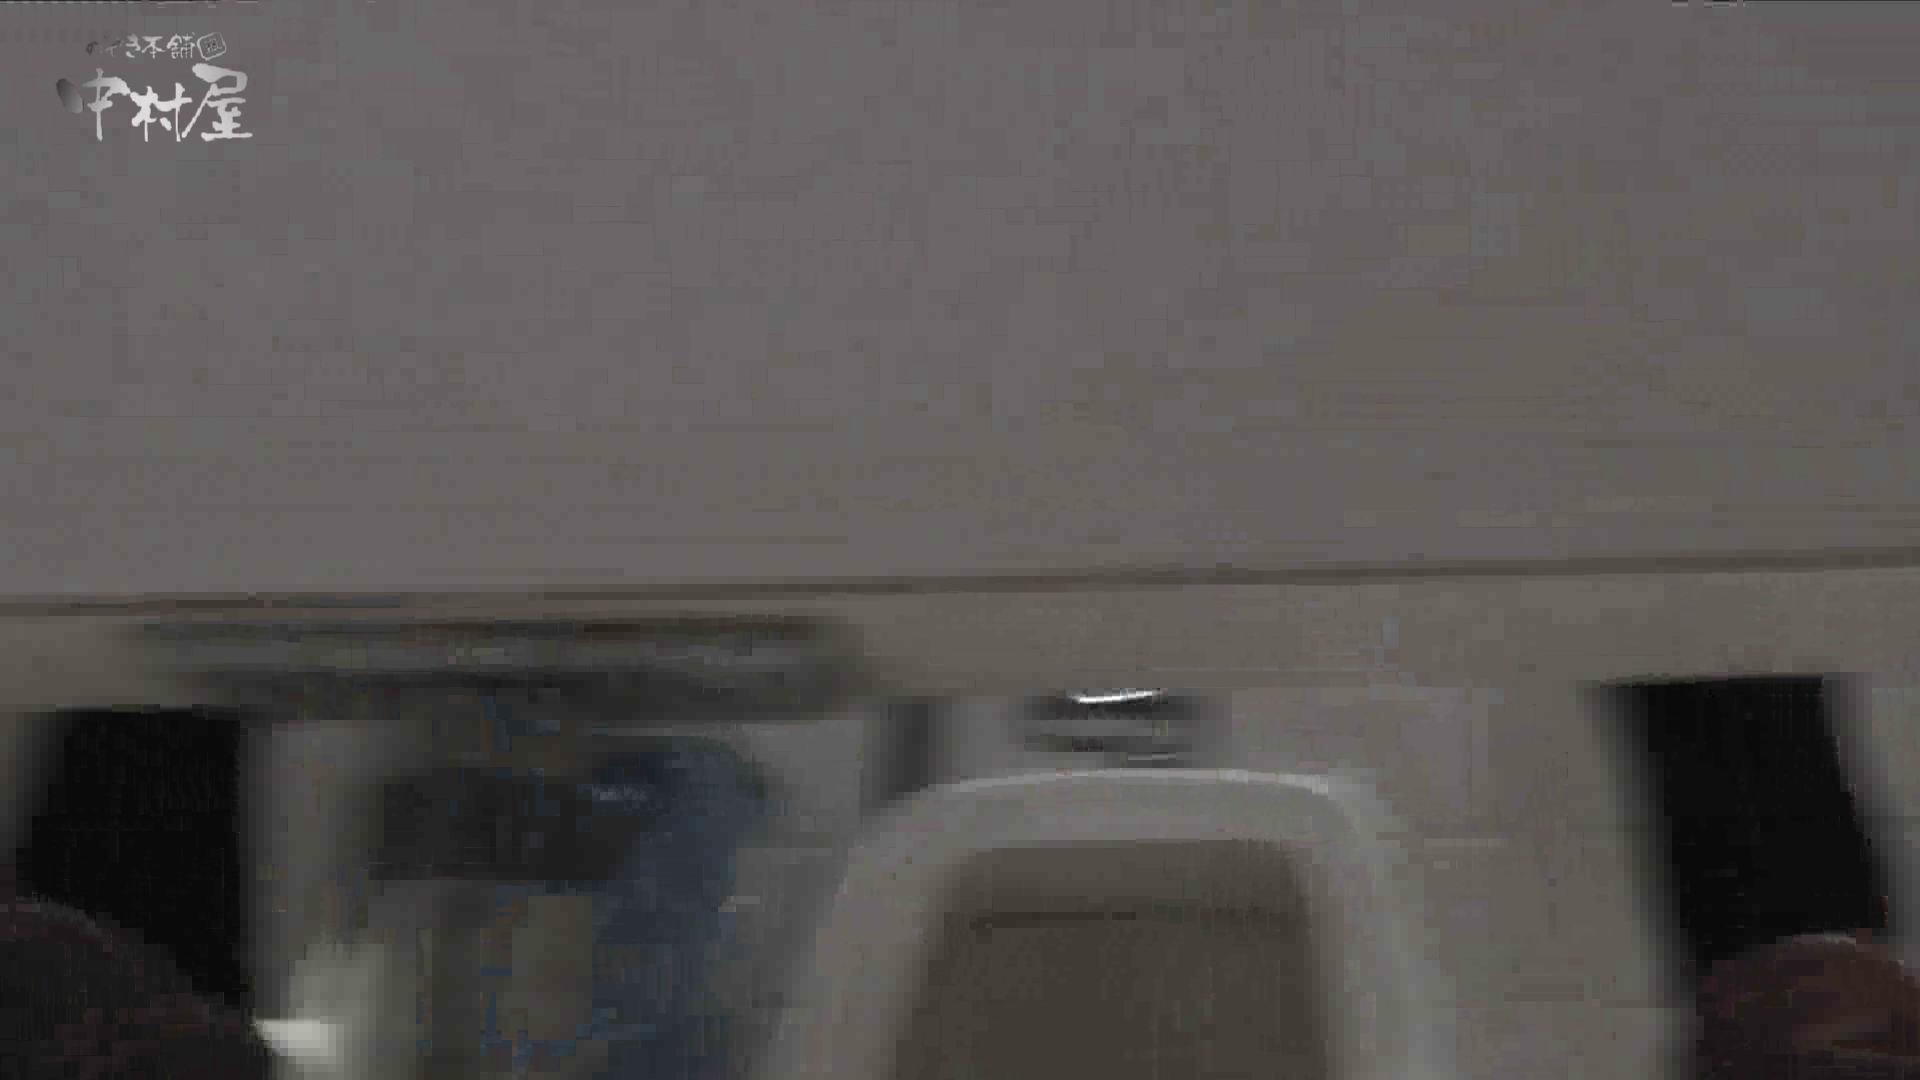 洗面所突入レポート!!vol.20 排泄隠し撮り エロ画像 77pic 57